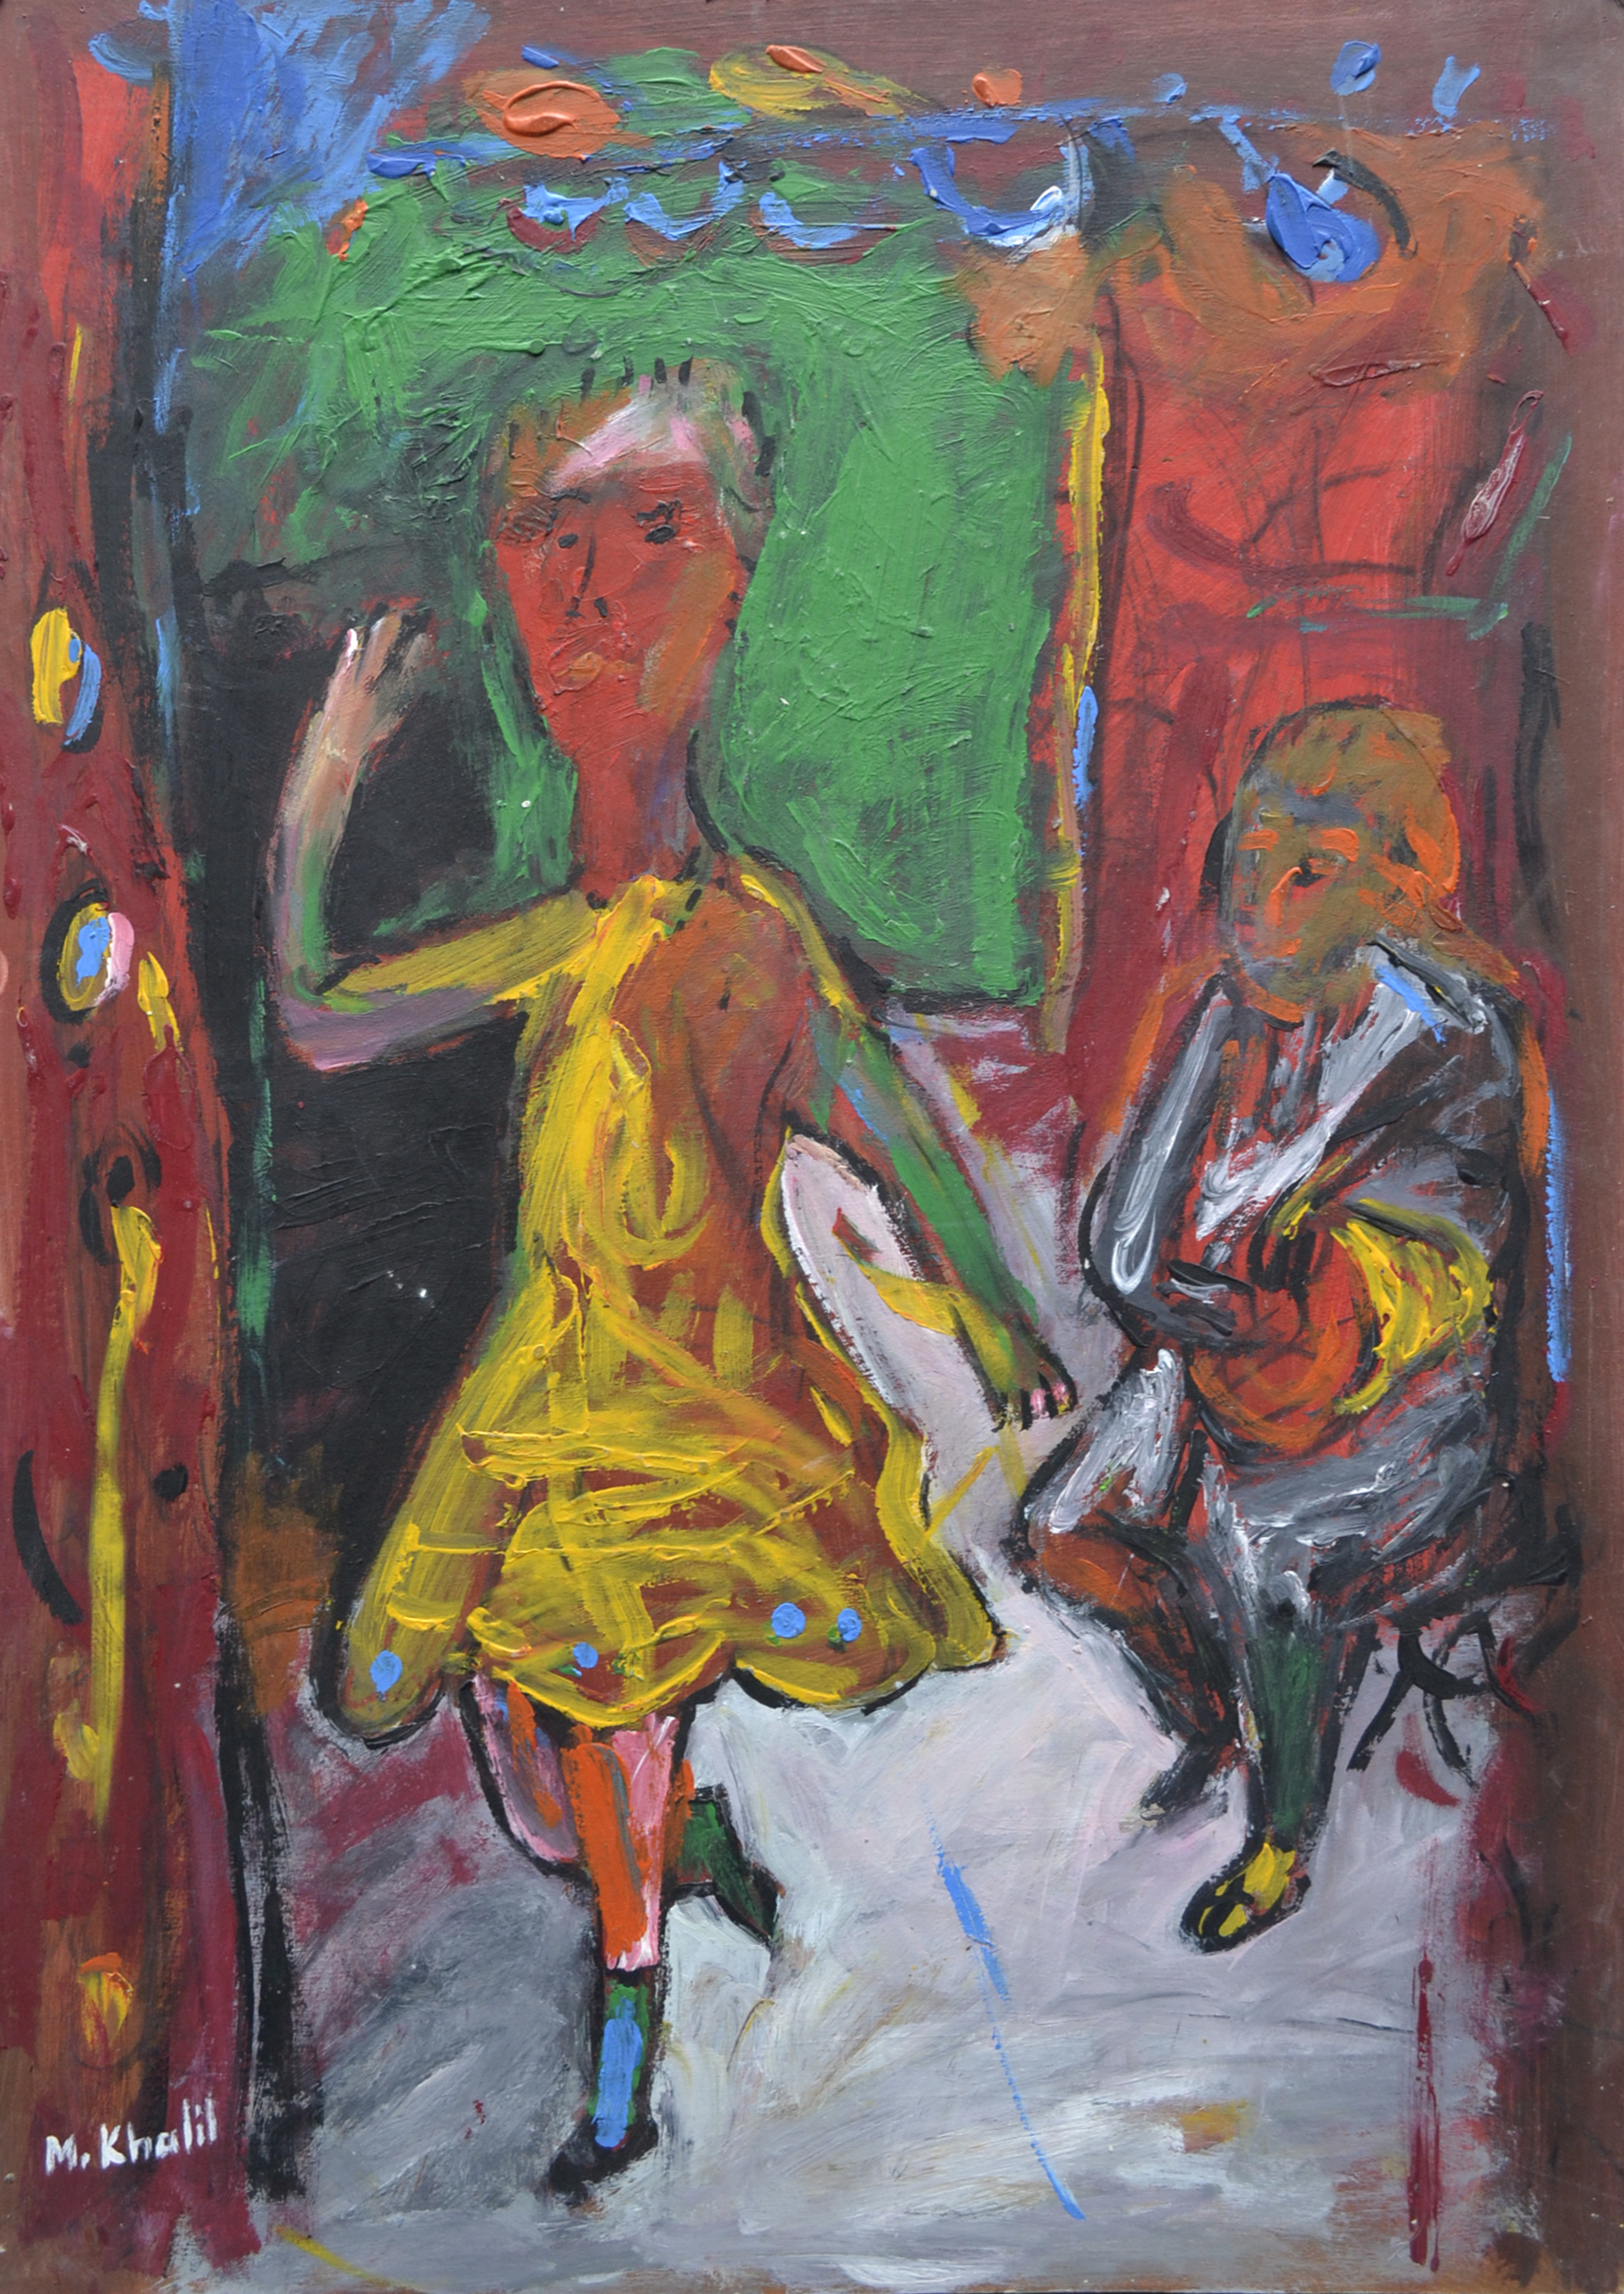 XOL Gallery - Mohamed Khalil (Palestine) - _Ancient Memories_ - 20 x28 in - Acrylic on cardboard - Paris 2001 - $1,500.00.jpg